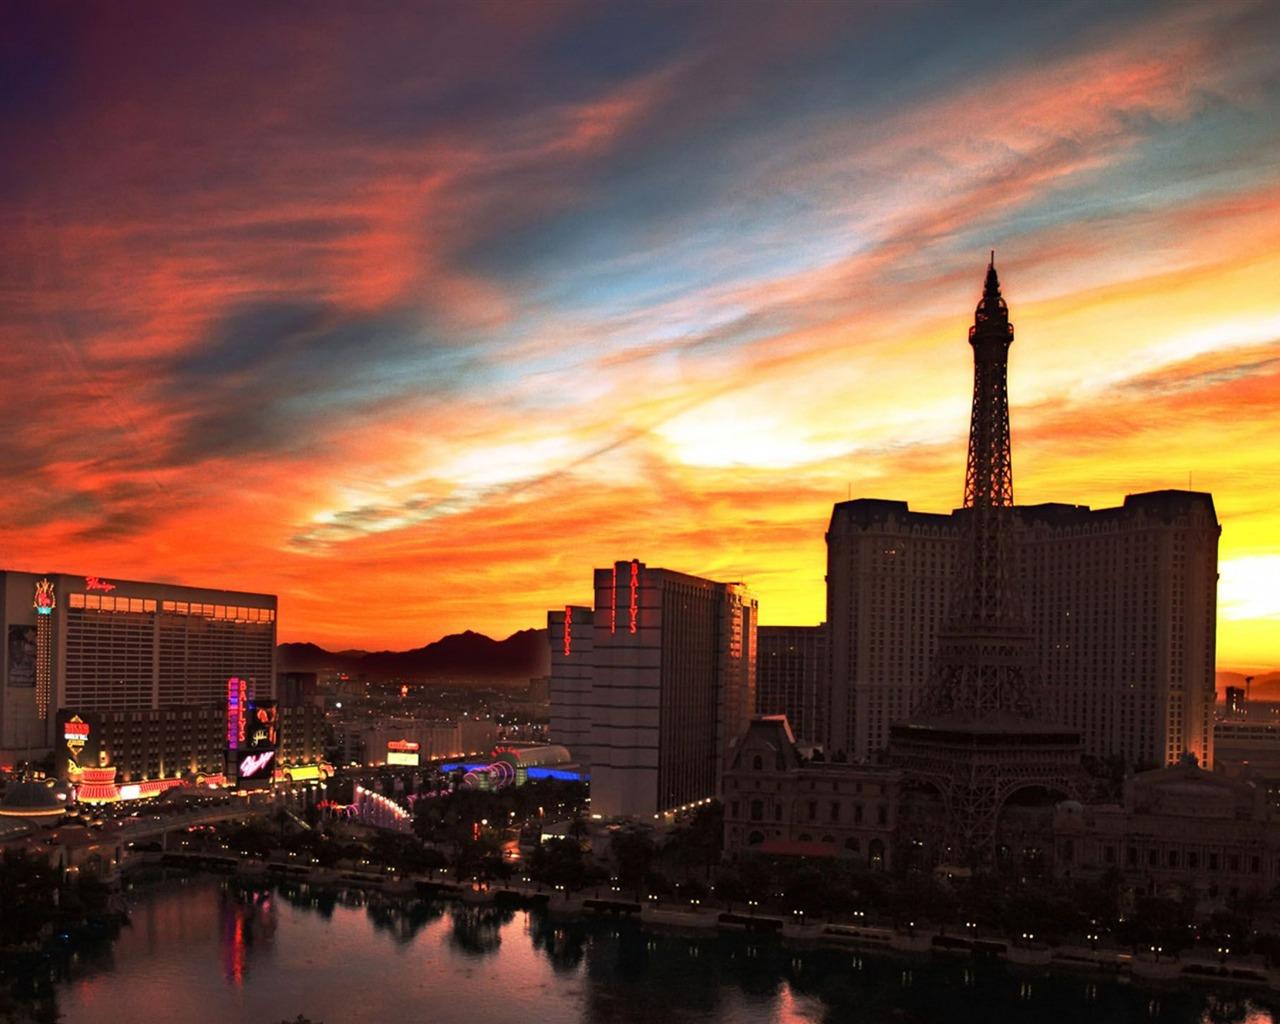 Las Vegas Sunset Cities Hd Wallpaper Preview 10wallpaper Com